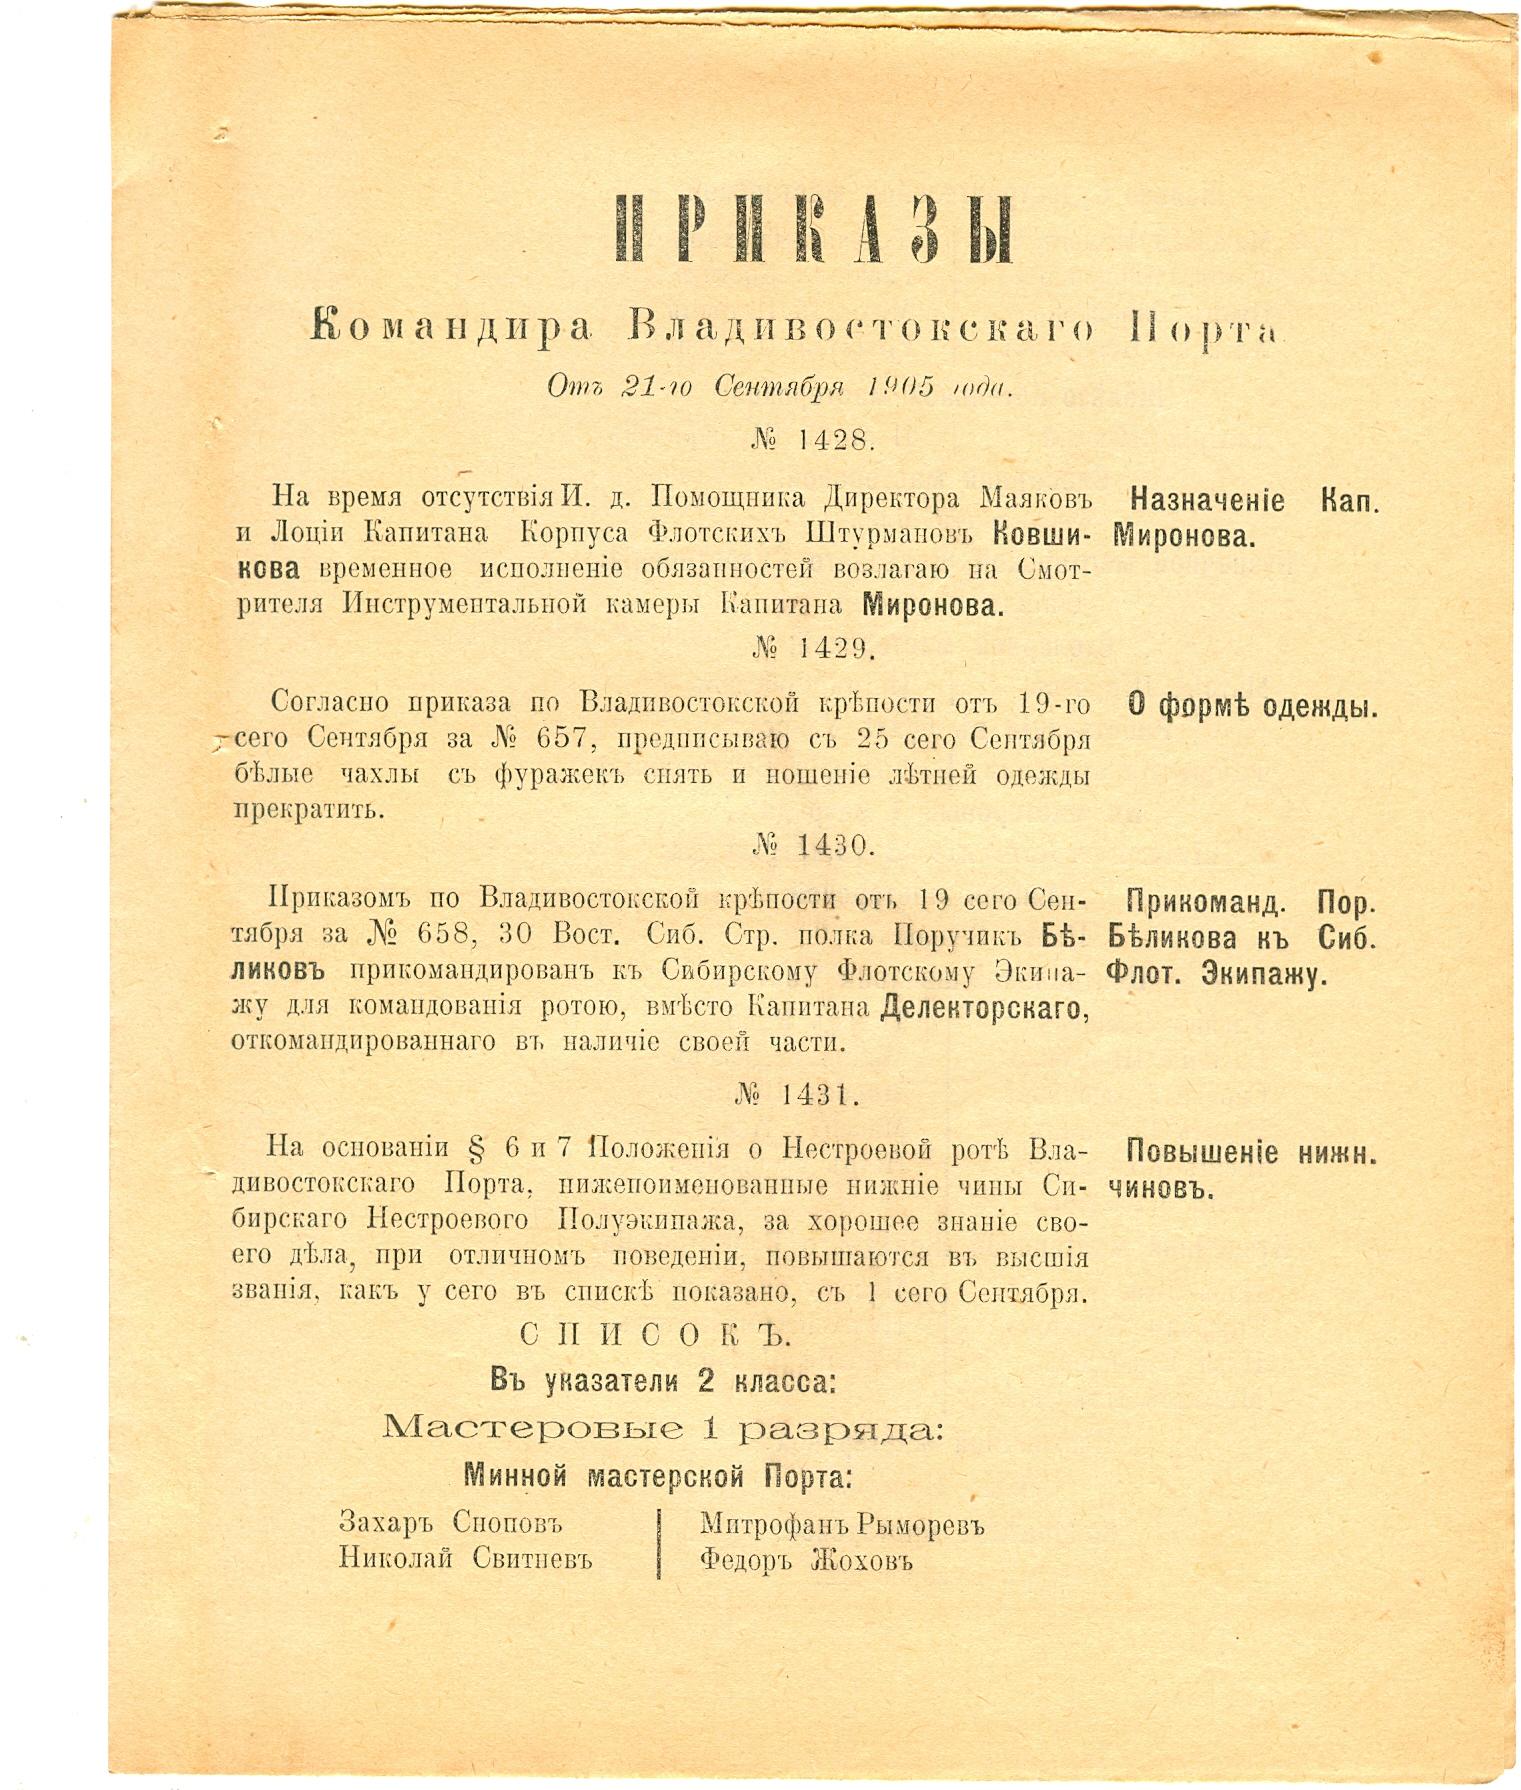 Приказы Командира Владивостокского<br>Порта №№ 1428—1431